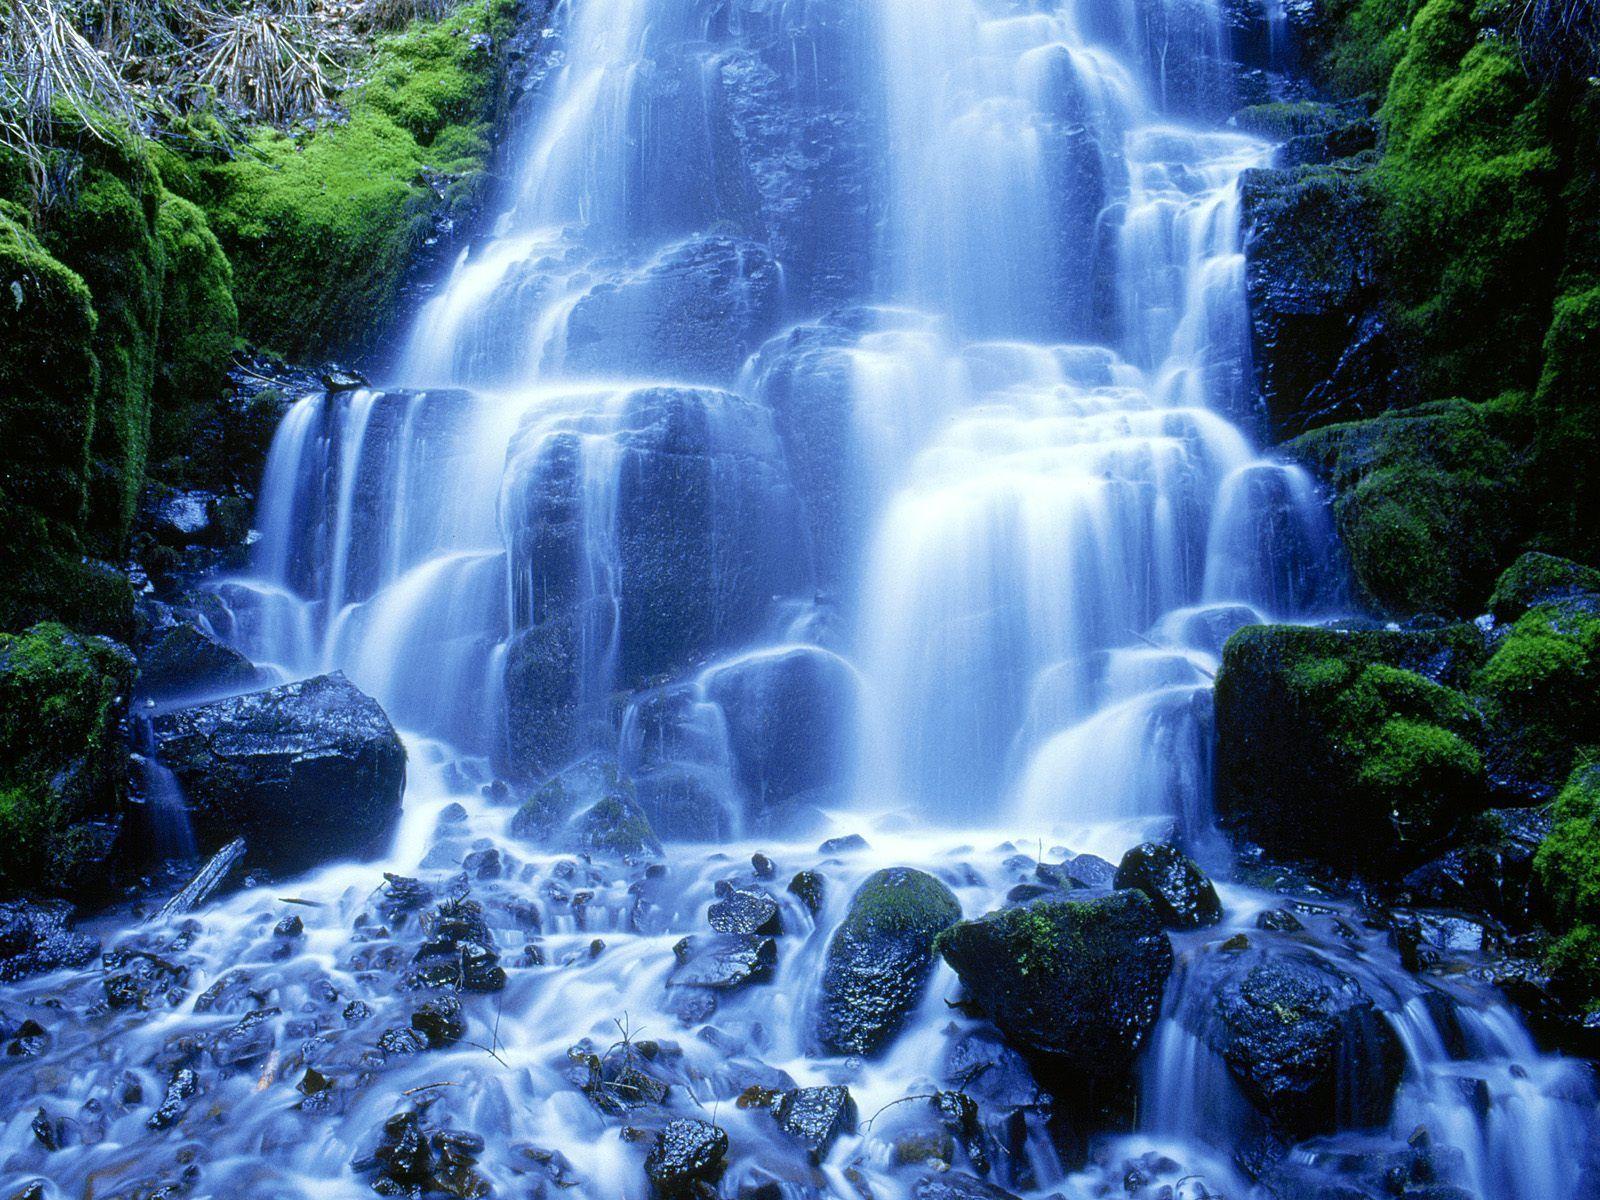 Mountains Waterfalls Wallpaper Mountains Waterfalls Waterfall Wallpaper Waterfall Pictures Beautiful Waterfalls